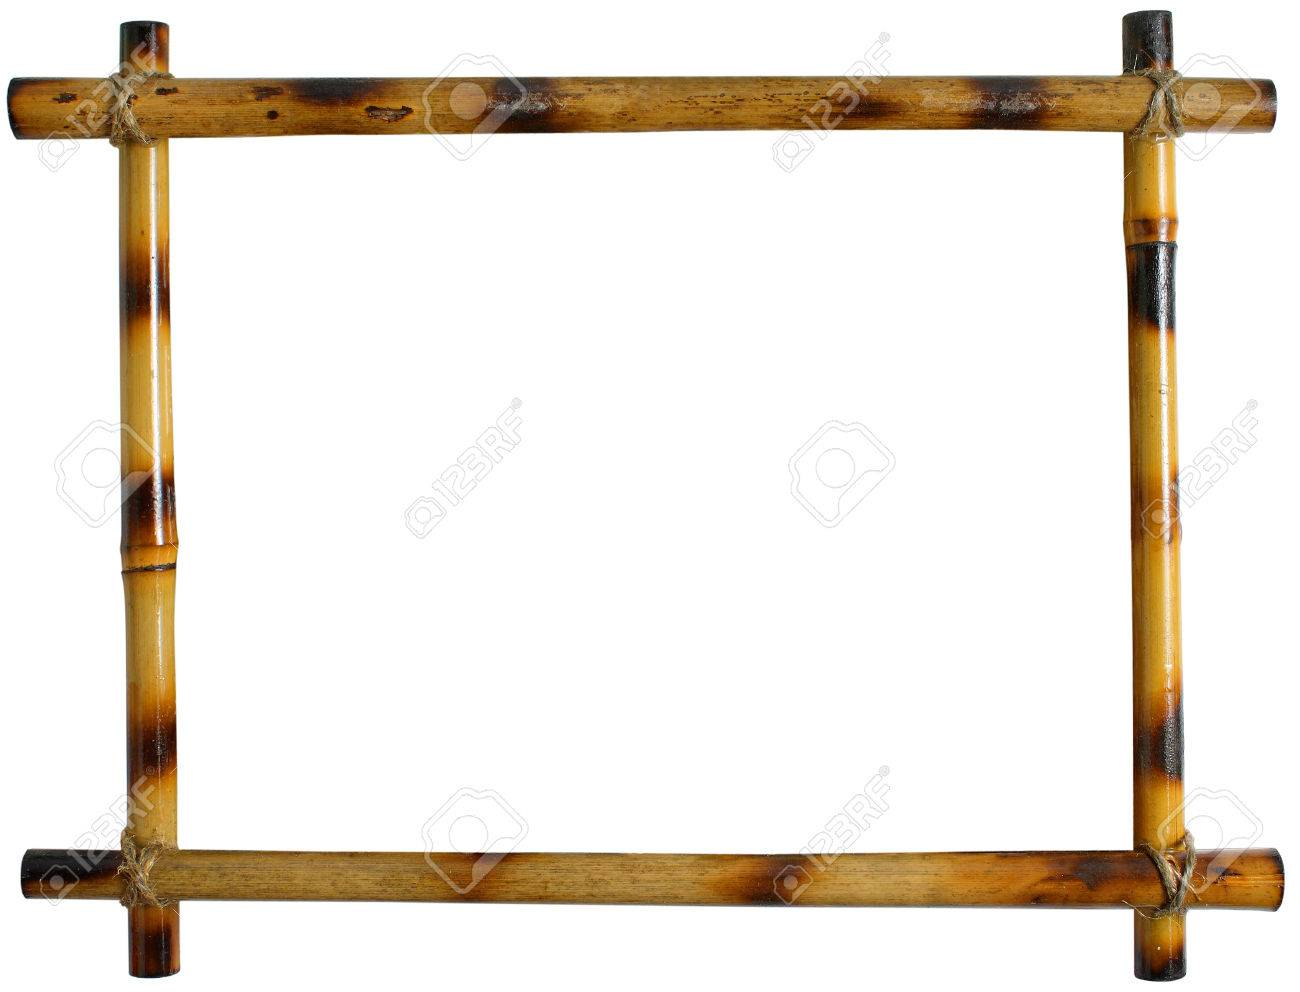 Bambus-Rahmen Auf Weißem Hintergrund. Sticks Mit Seil Gebunden ...